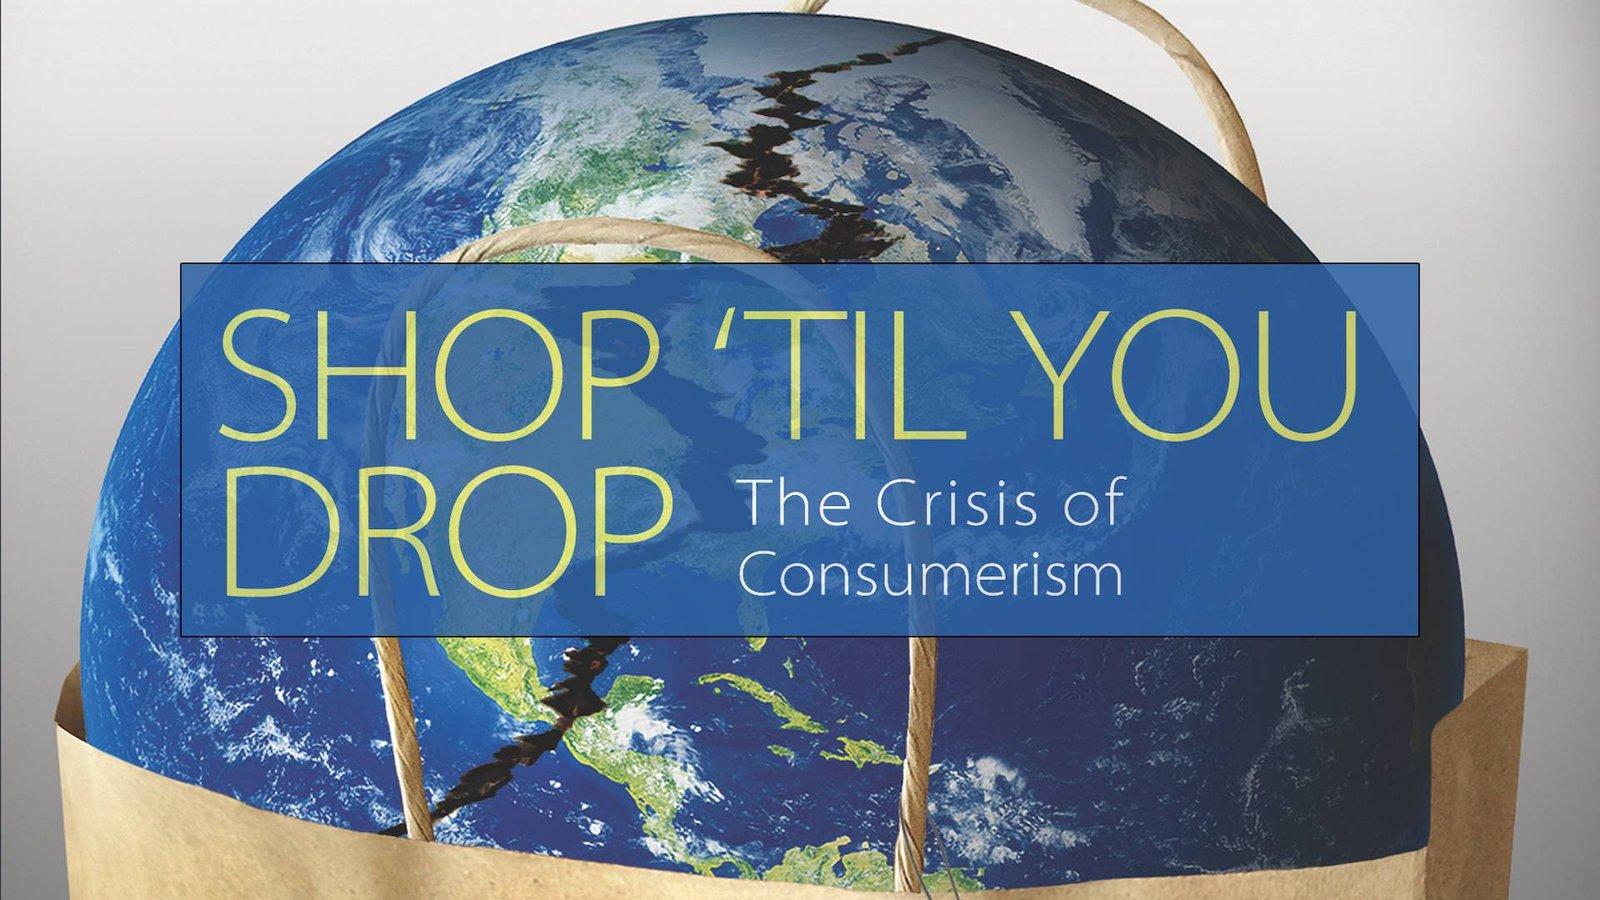 Shop 'Til You Drop - The Crisis of Consumerism